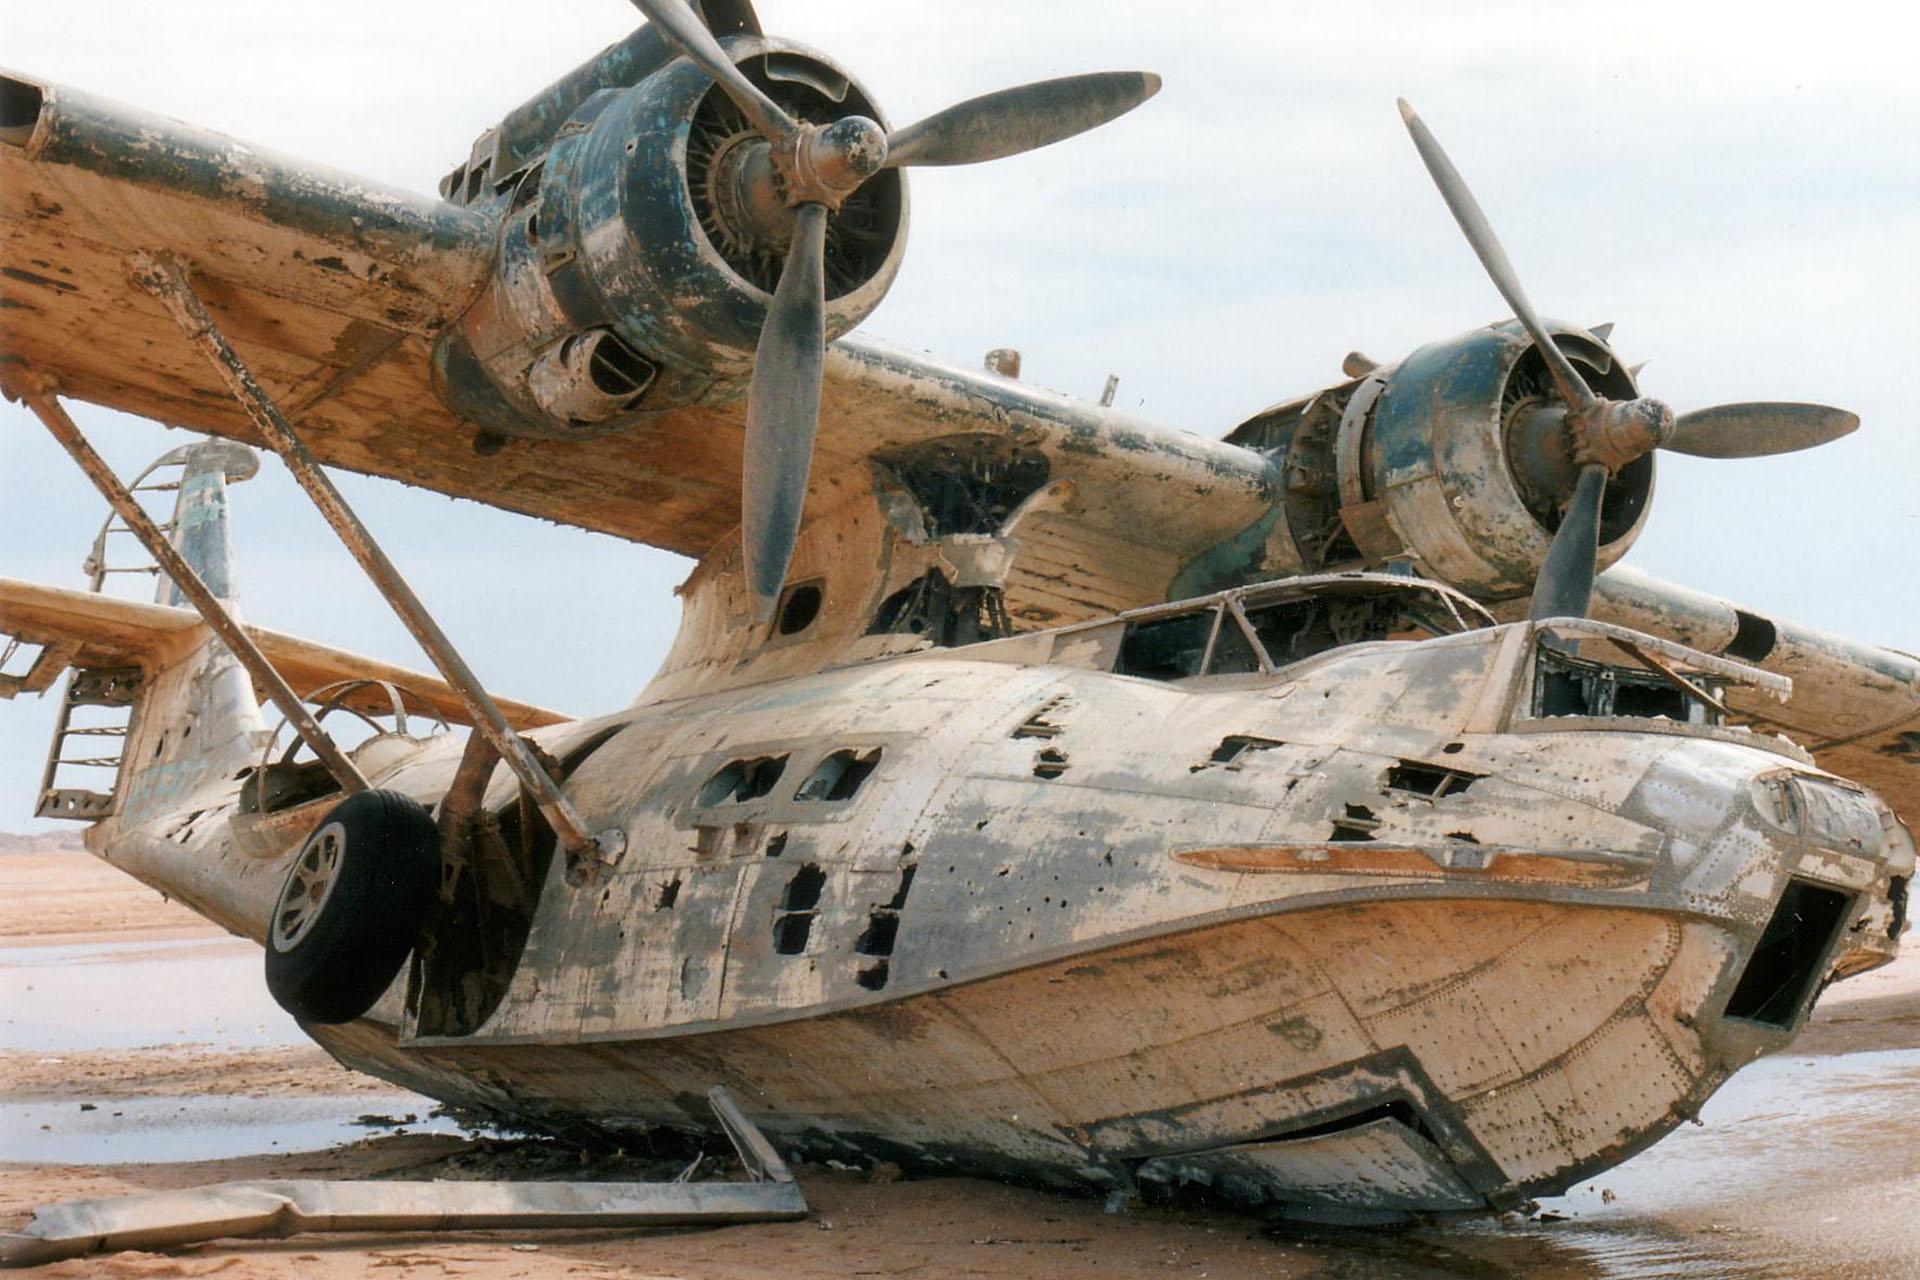 Военные самолеты ввс россии и мира видео, фото, картинки смо.